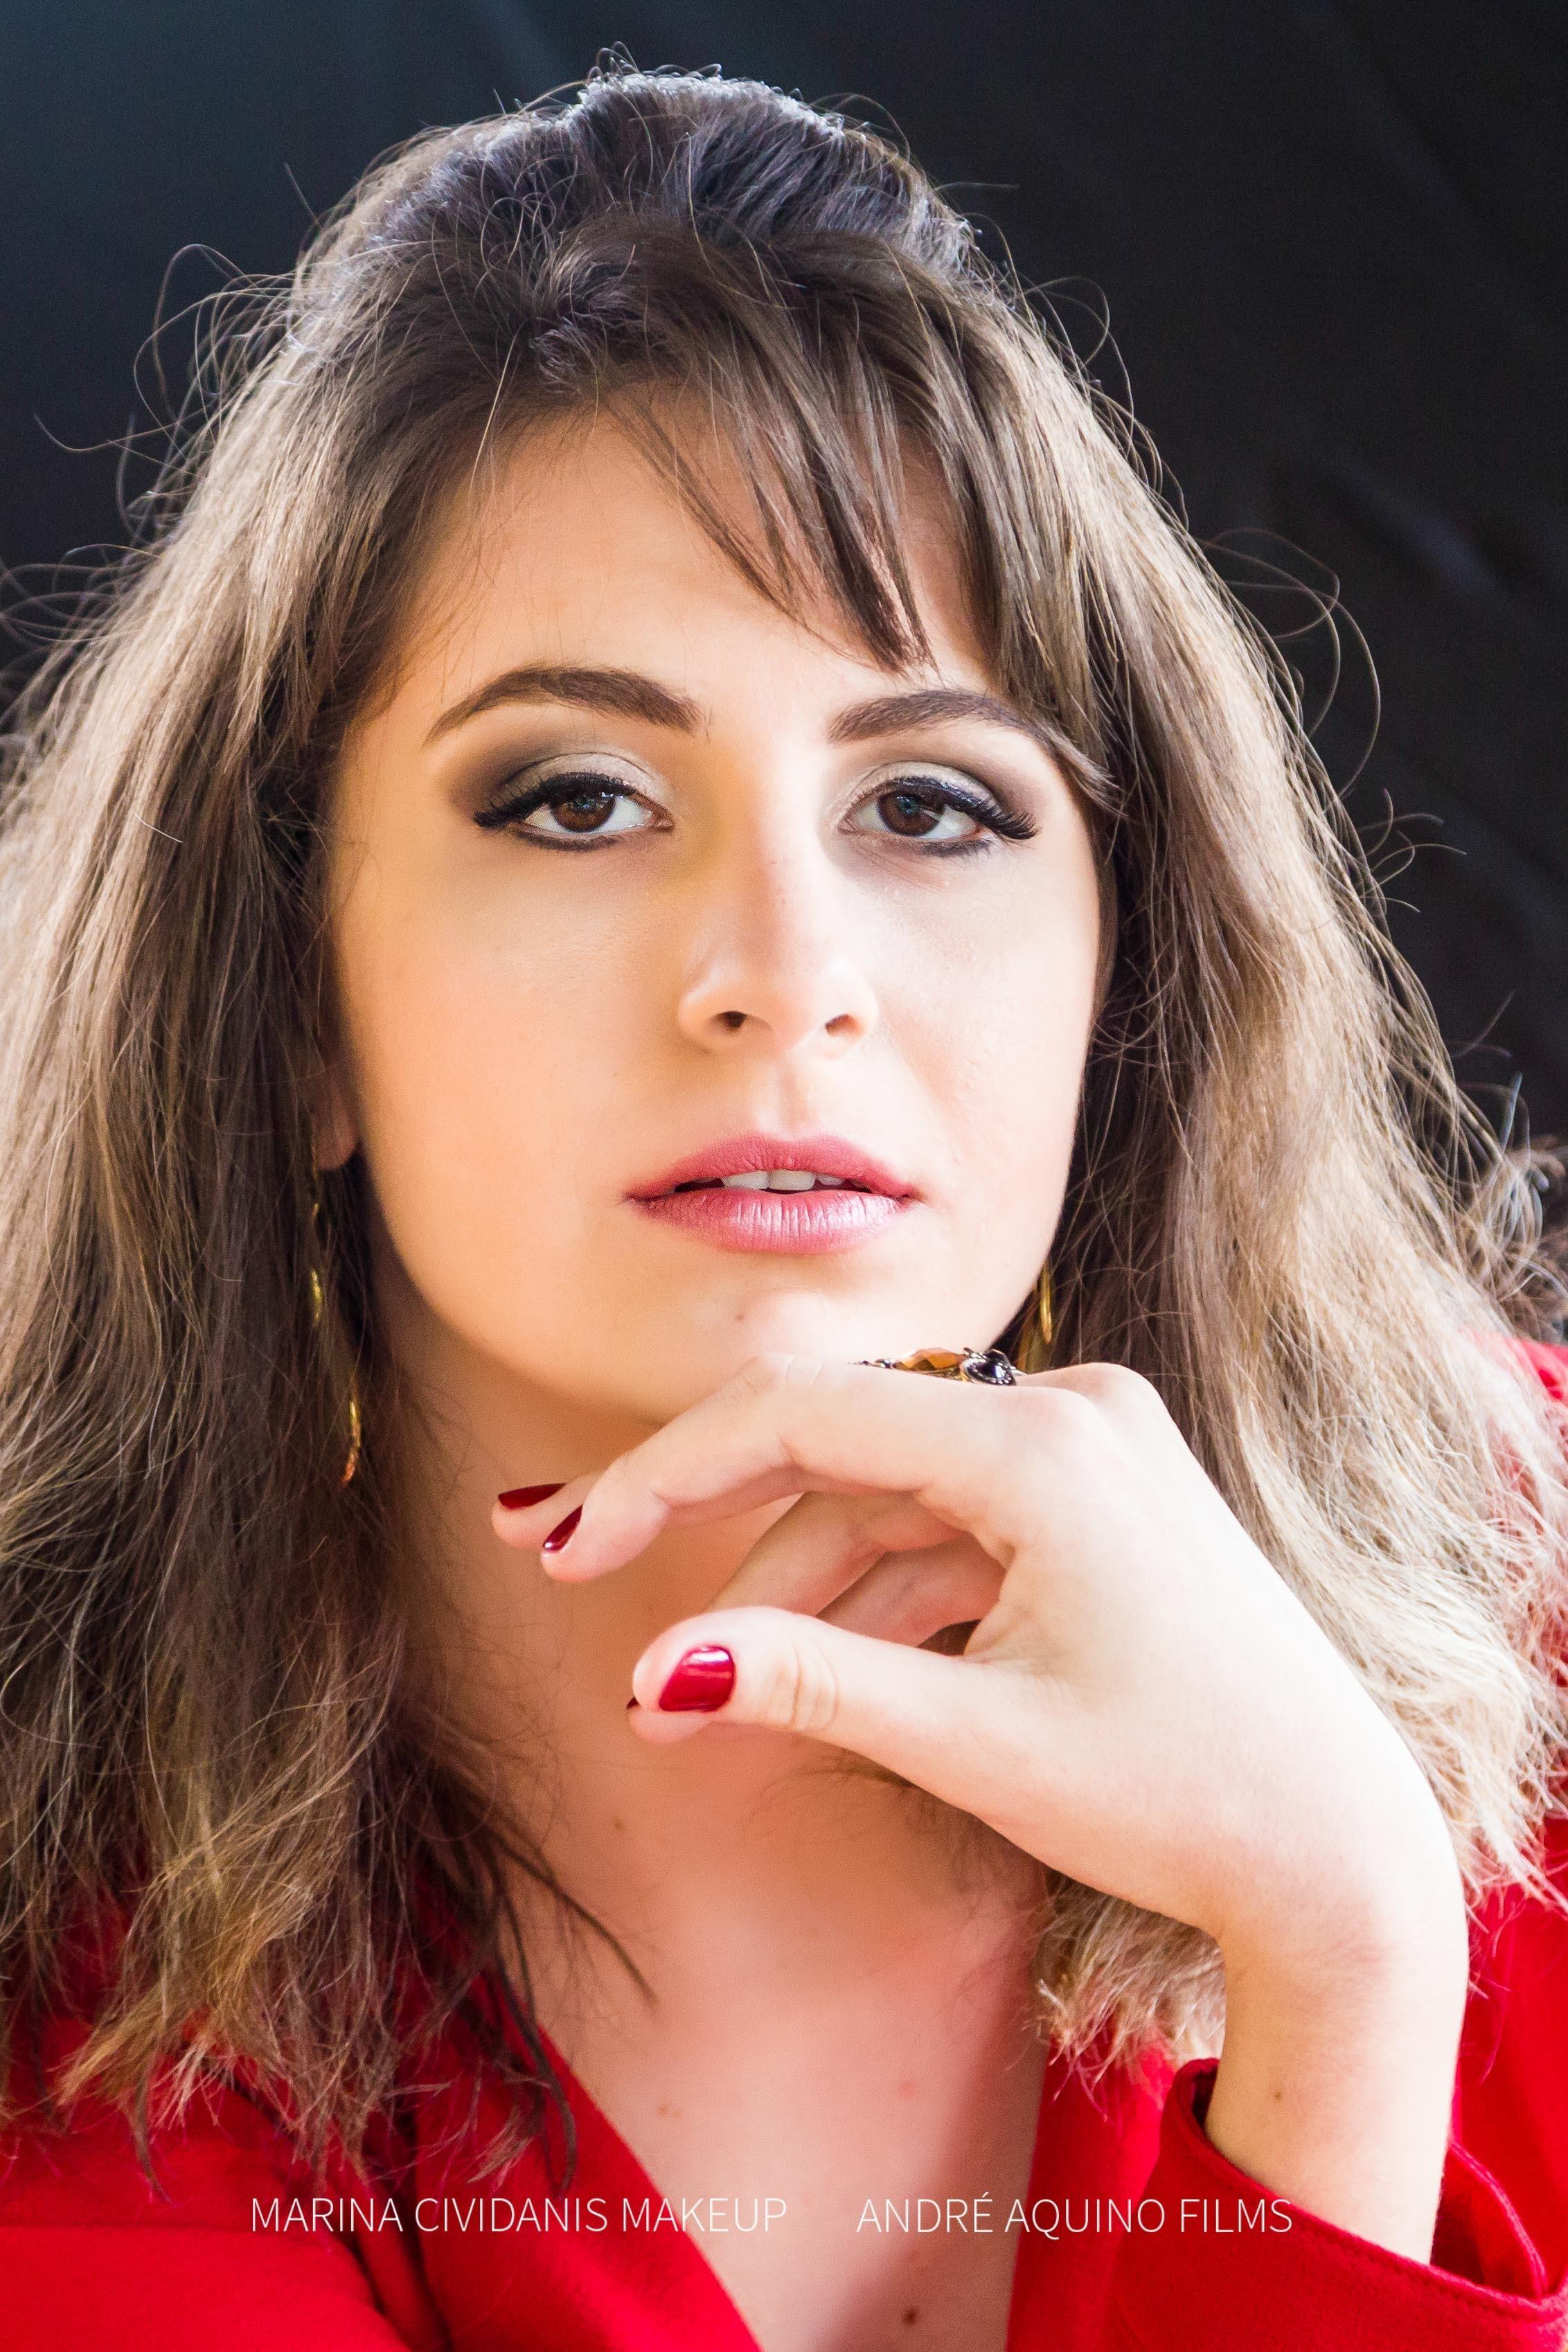 Ensaio fotográfico com a modelo @agattaalice .  Make-up: Marina Cividanis Fotos: André Aquino Films Agradecimento a loja @todalinda_byeugenia  #makeupbymarinacividanis #maquiagembrasill #maquiagem #fotografia #fotos  #workinprogress #makeup #progress  maquiagem maquiador(a)